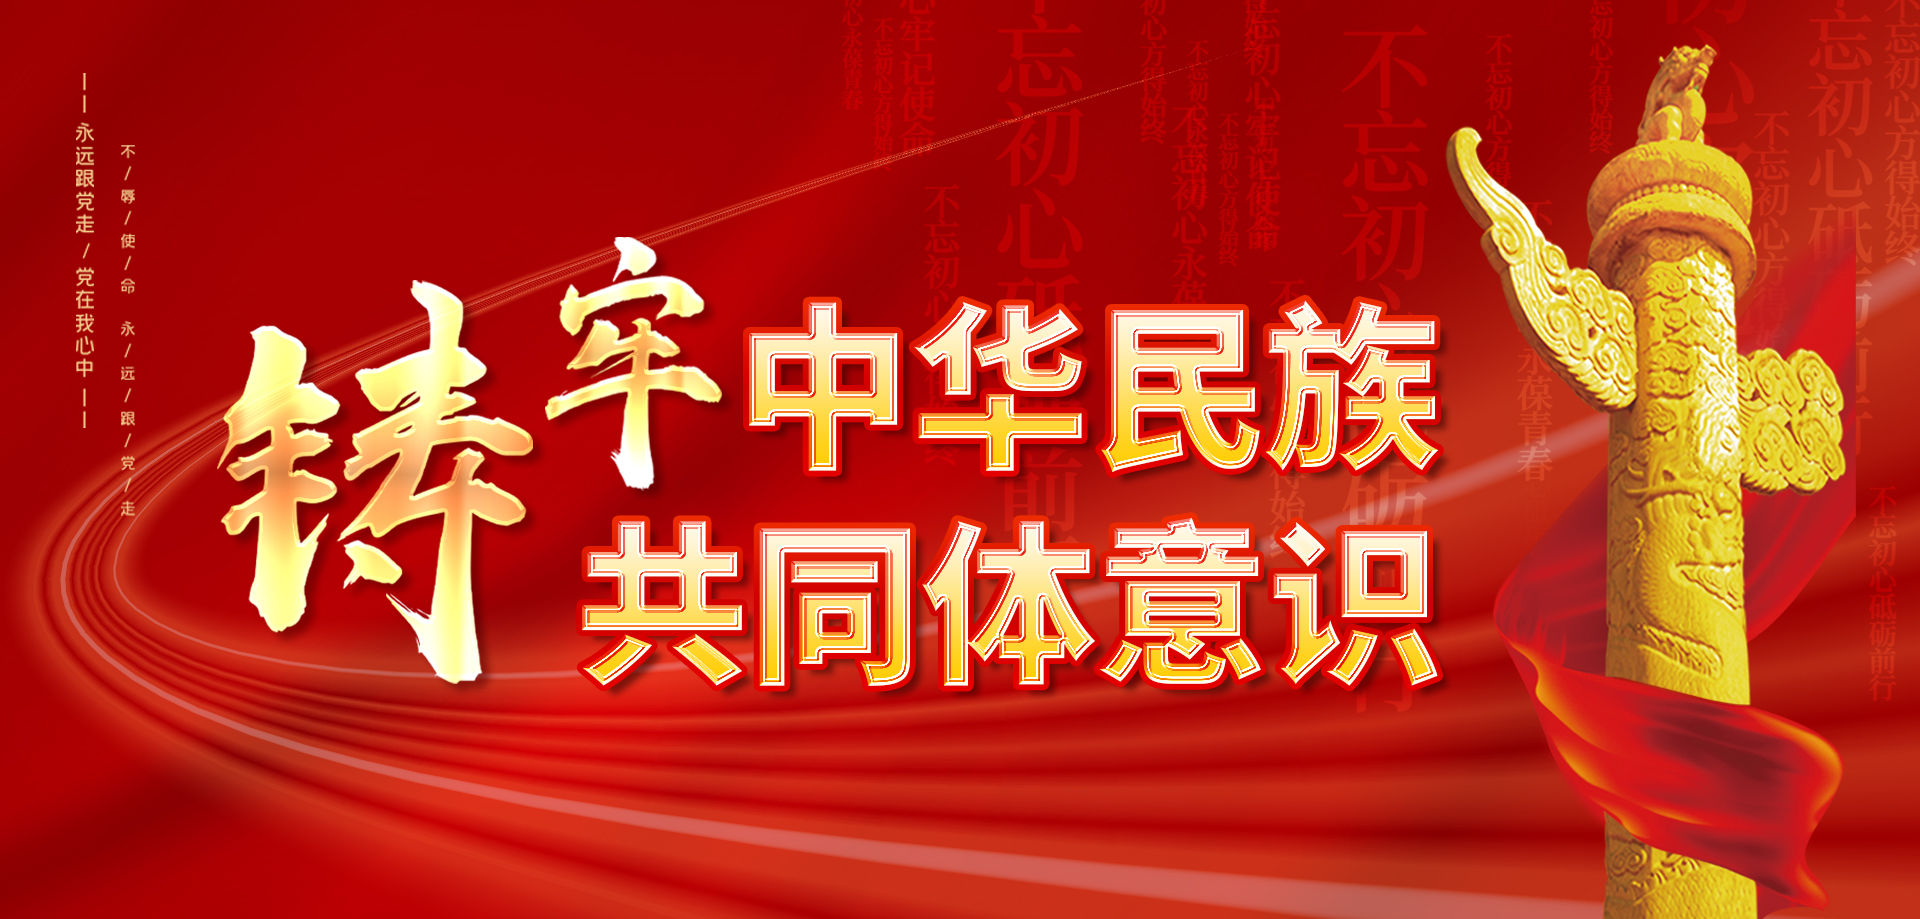 伟之杰全体员工向党致敬!热烈祝贺建党100周年!